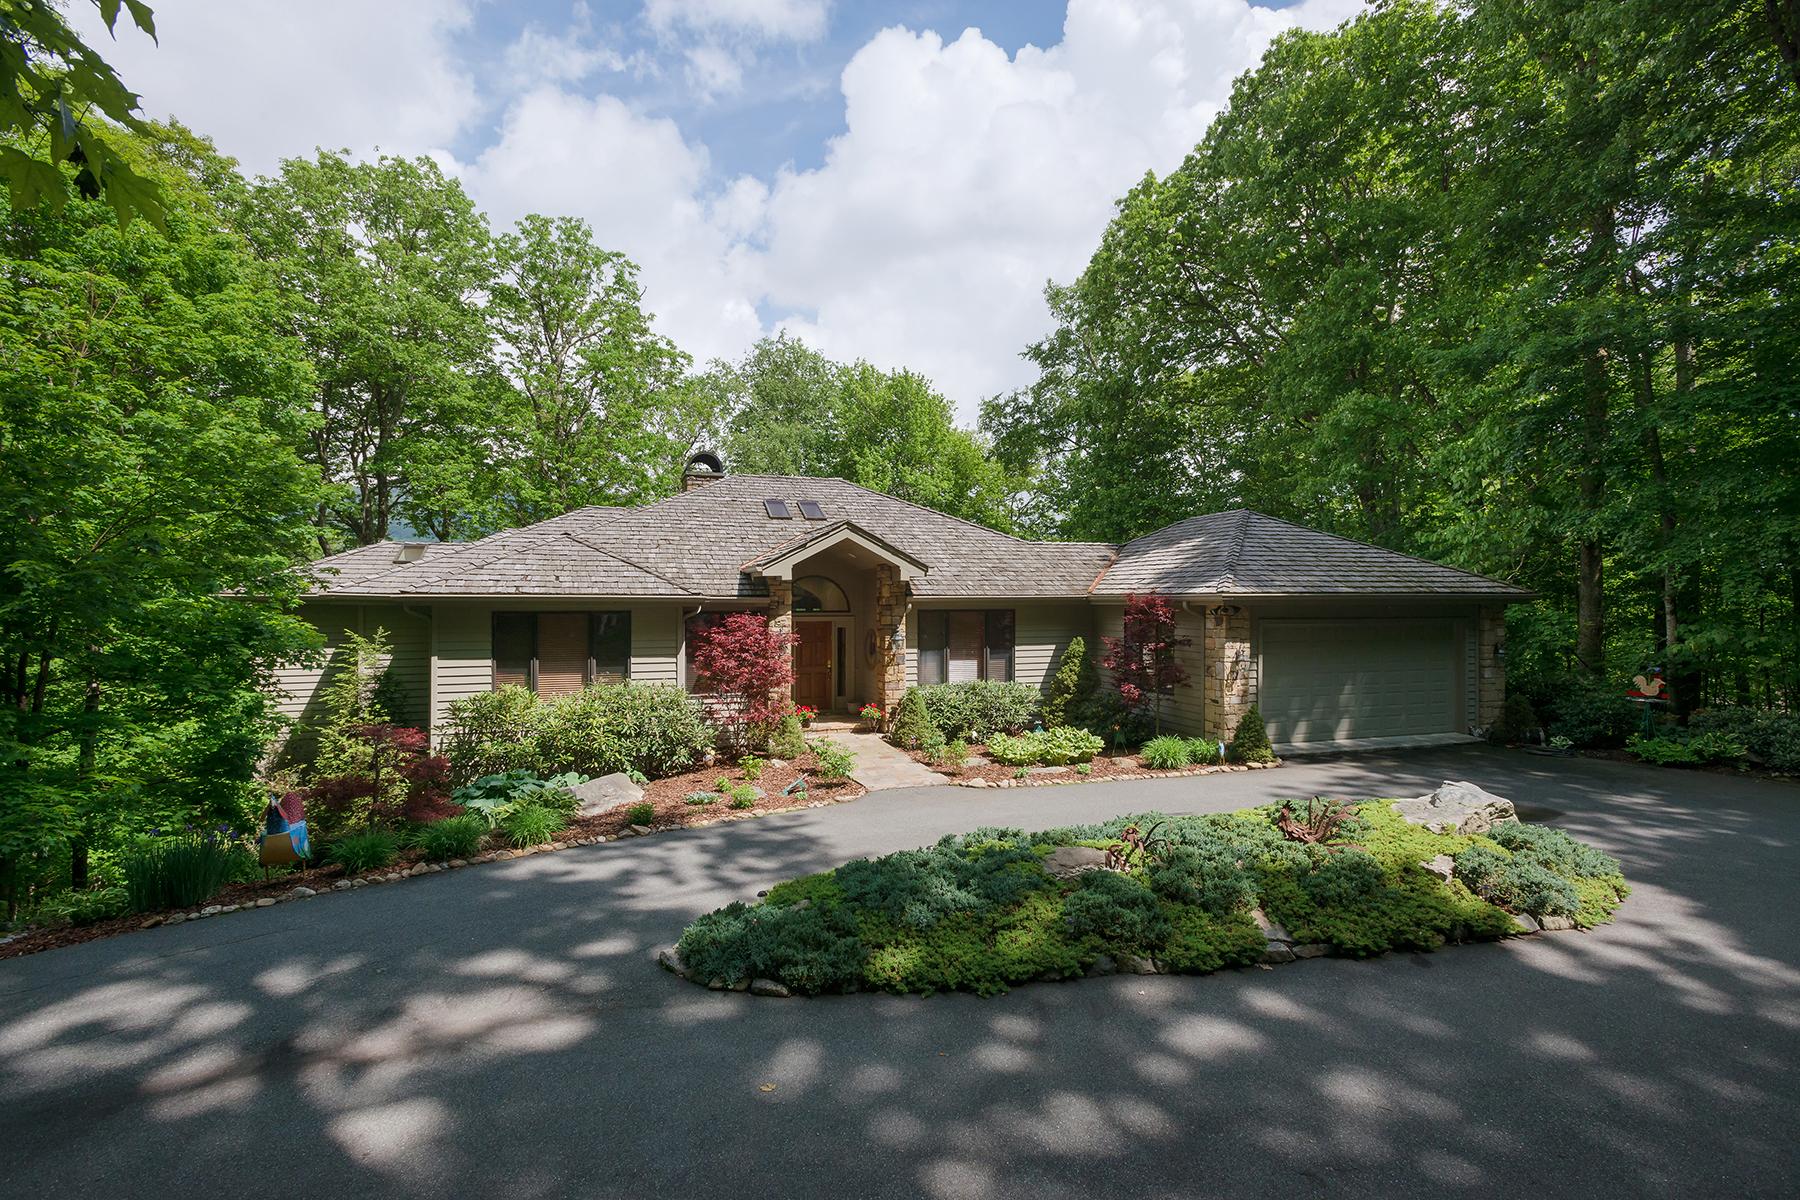 Maison unifamiliale pour l Vente à LINVILLE - LINVILLE RIDGE 1038 Ridge Dr 10 Linville, Carolina Du Nord, 28646 États-Unis